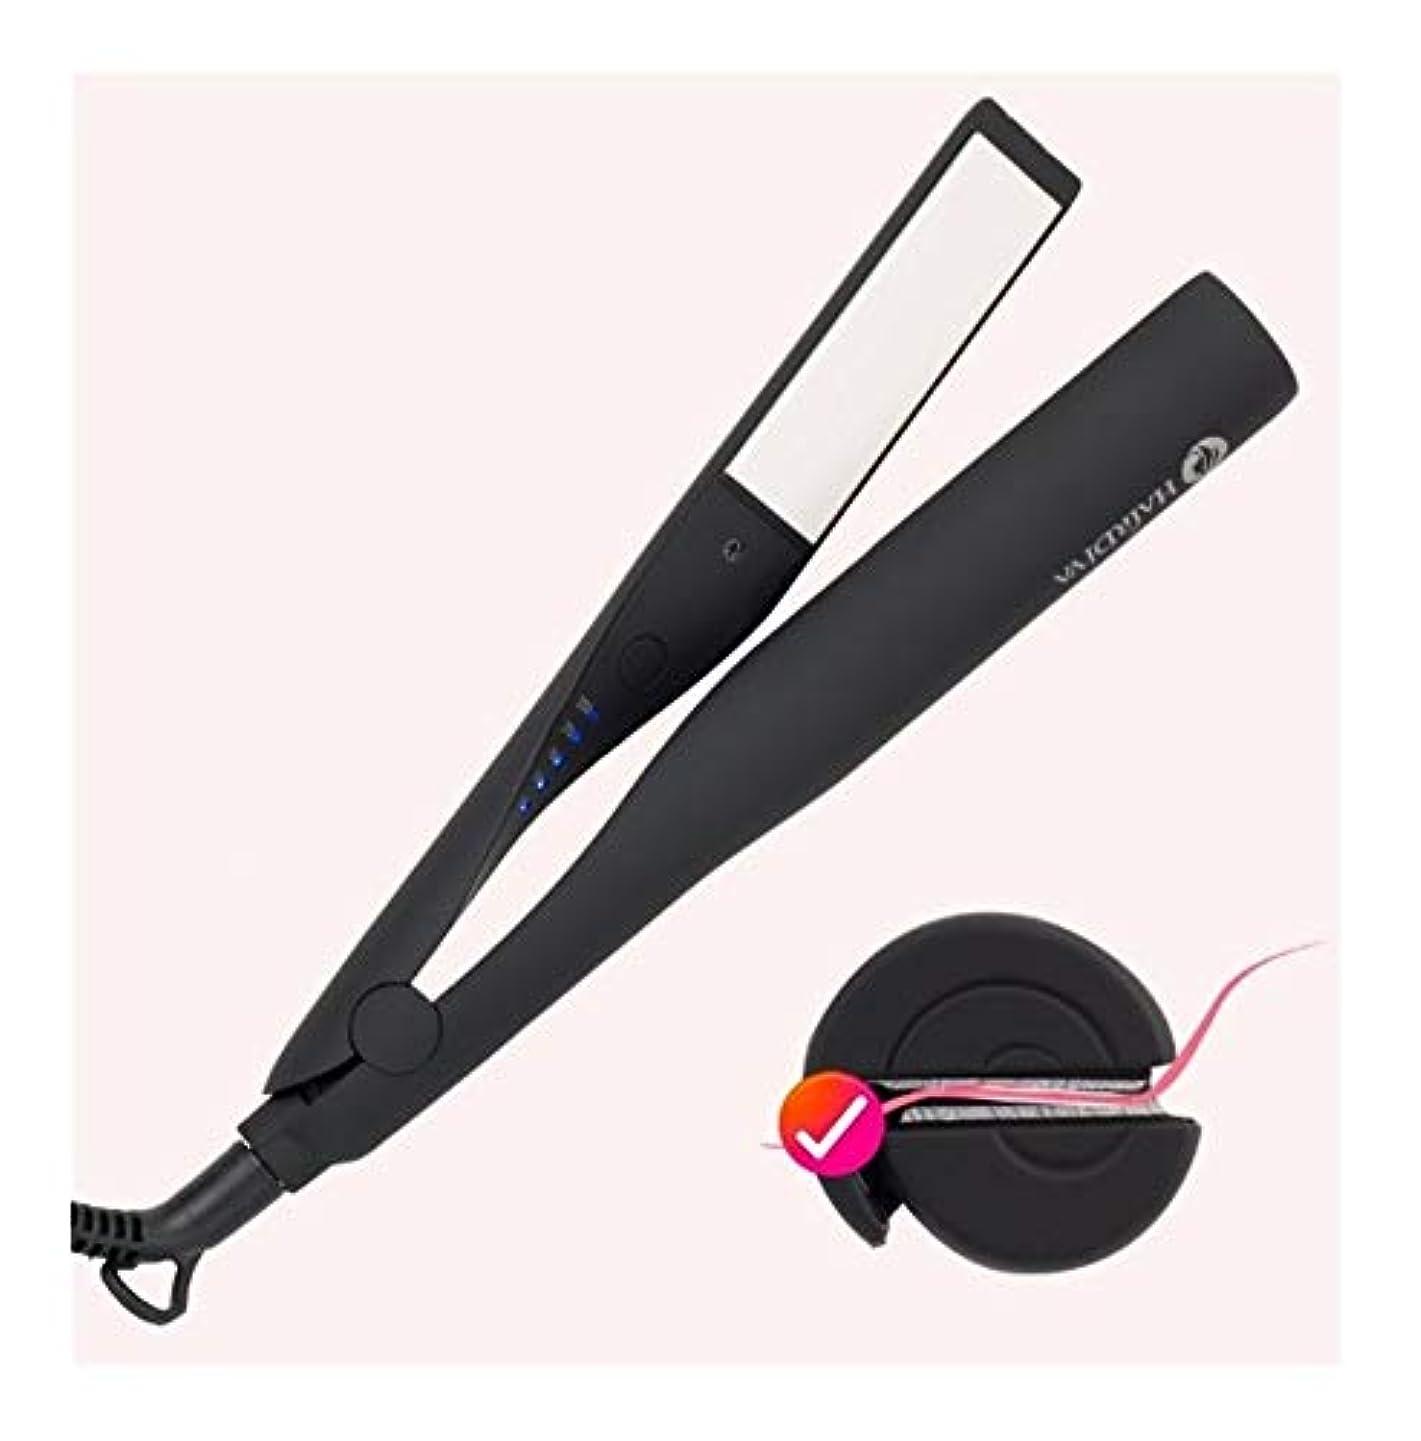 サワー雪だるまを作る家族CQQ プロフェッショナル電気矯正アイアン&1つのストレートヘアアイロンフラットアイアンセラミックスタイリングツールアイアンPROスタイリングヘアツールカーリング鉄の毛のストレートヘアの杖でCurlingIron髪カーラー2 (Color : Black)